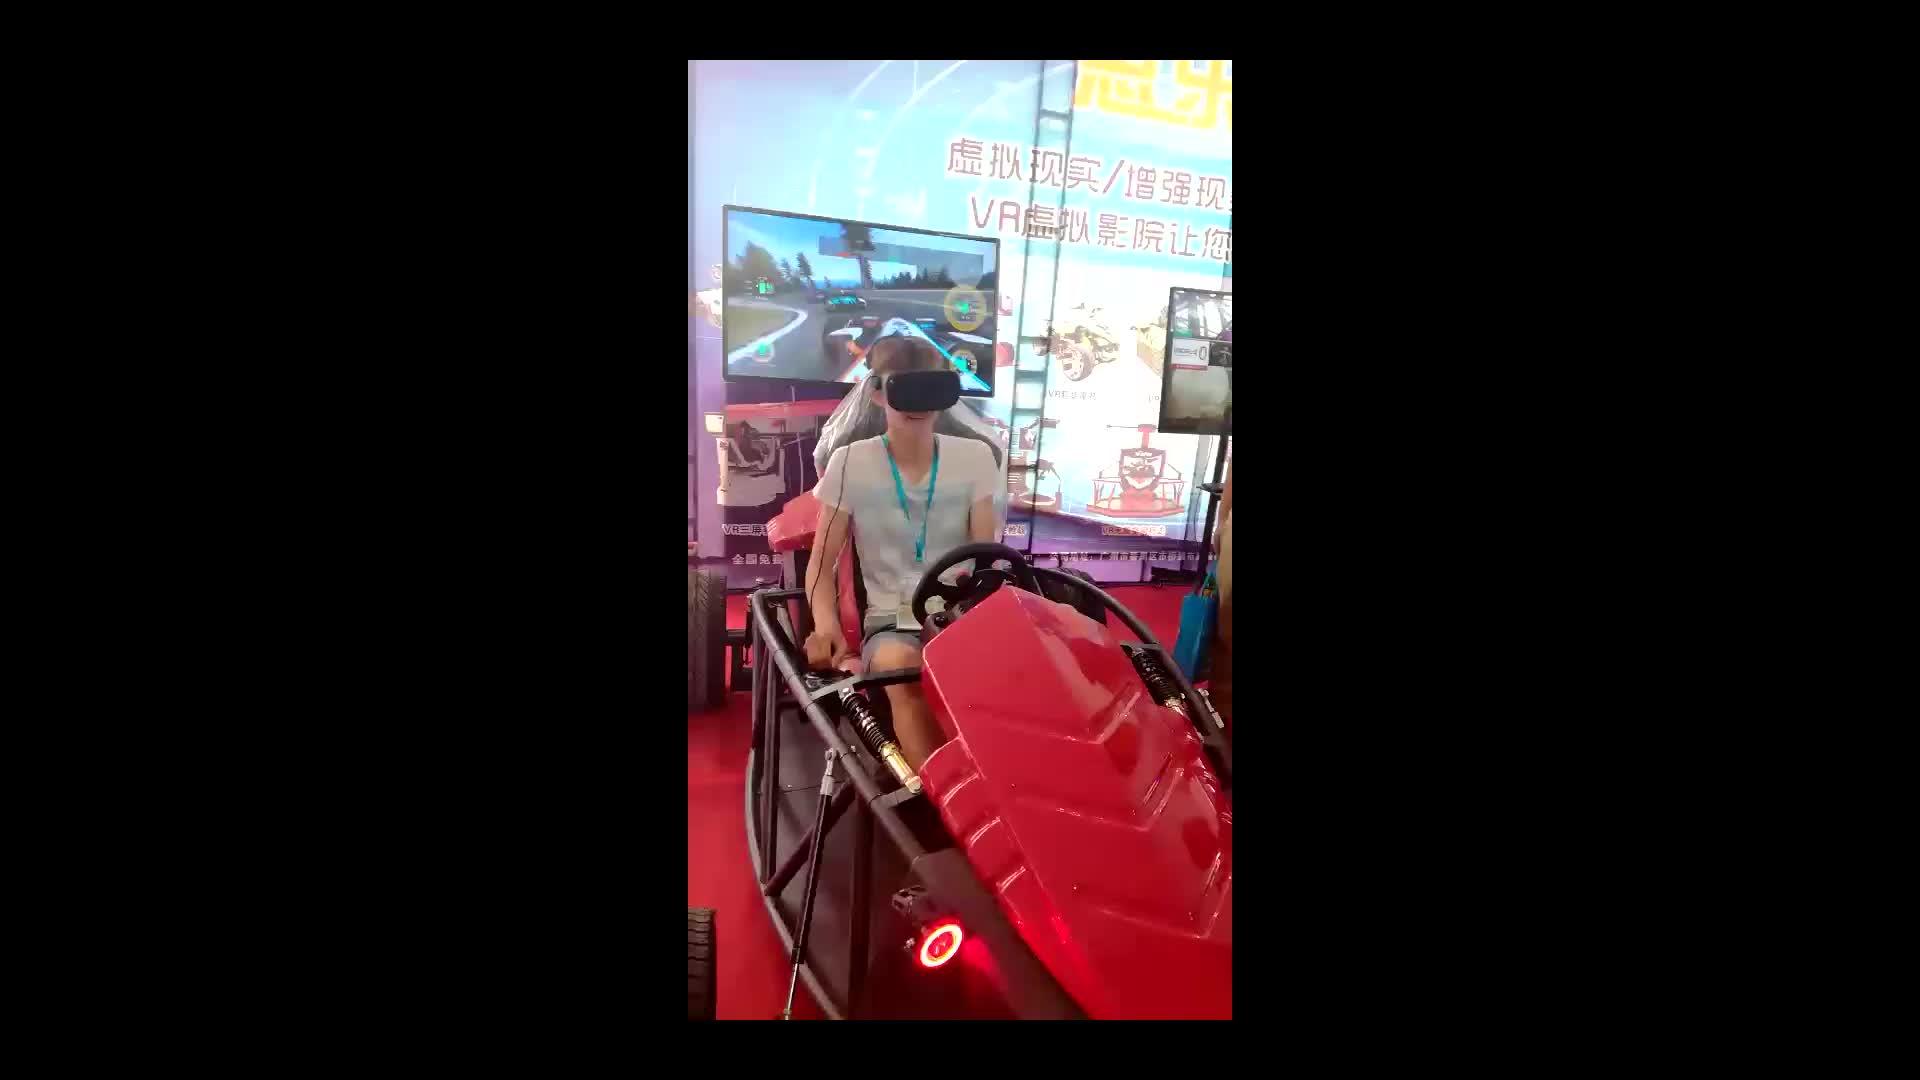 Simulador de condução de F1 experiência, vr óculos f1 com 9d, simulador de corridas de assento/assento jogo/simulador de f1